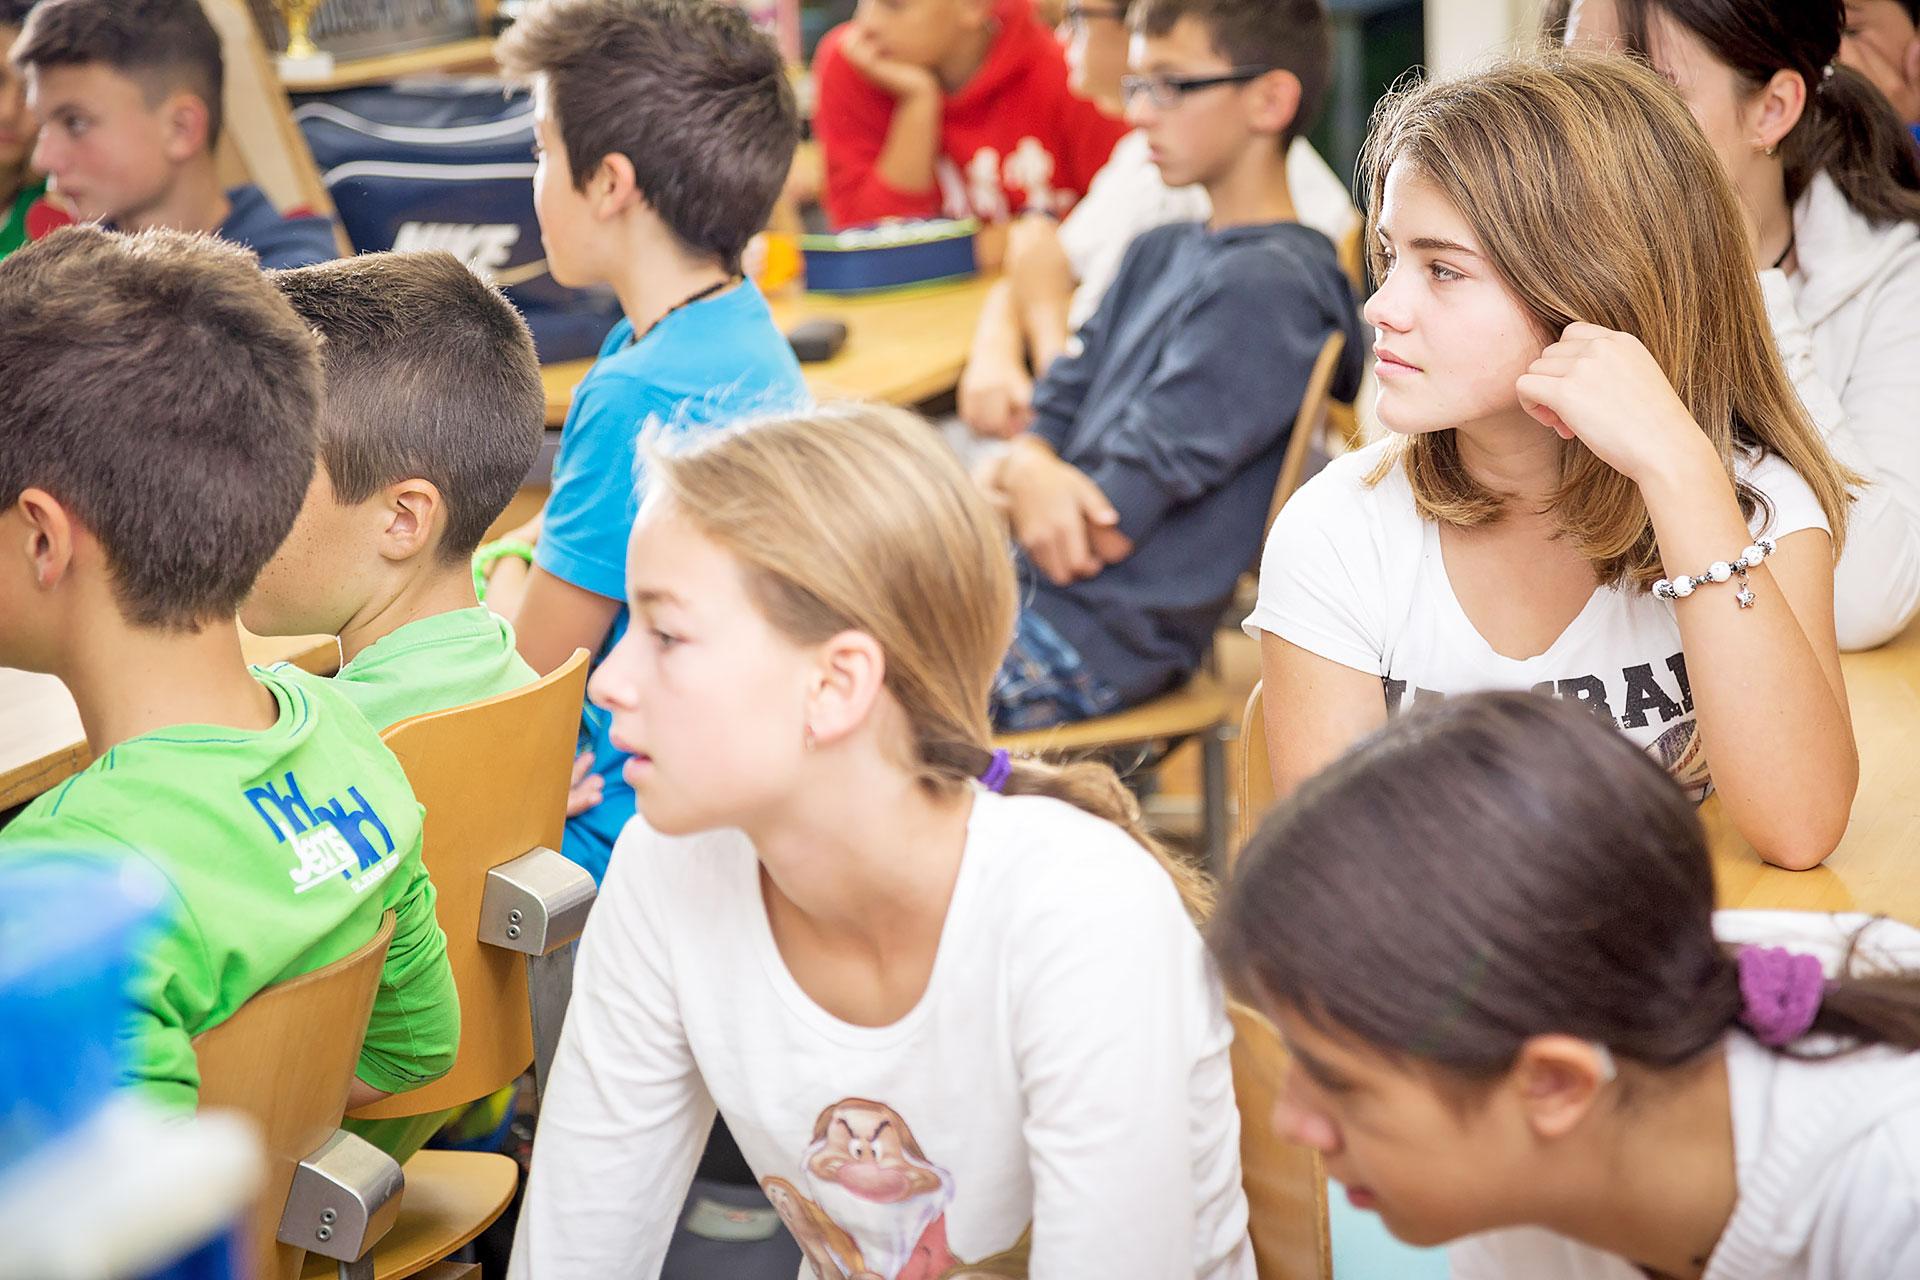 Klasse hört zu, Fokus auf eine Schülerin